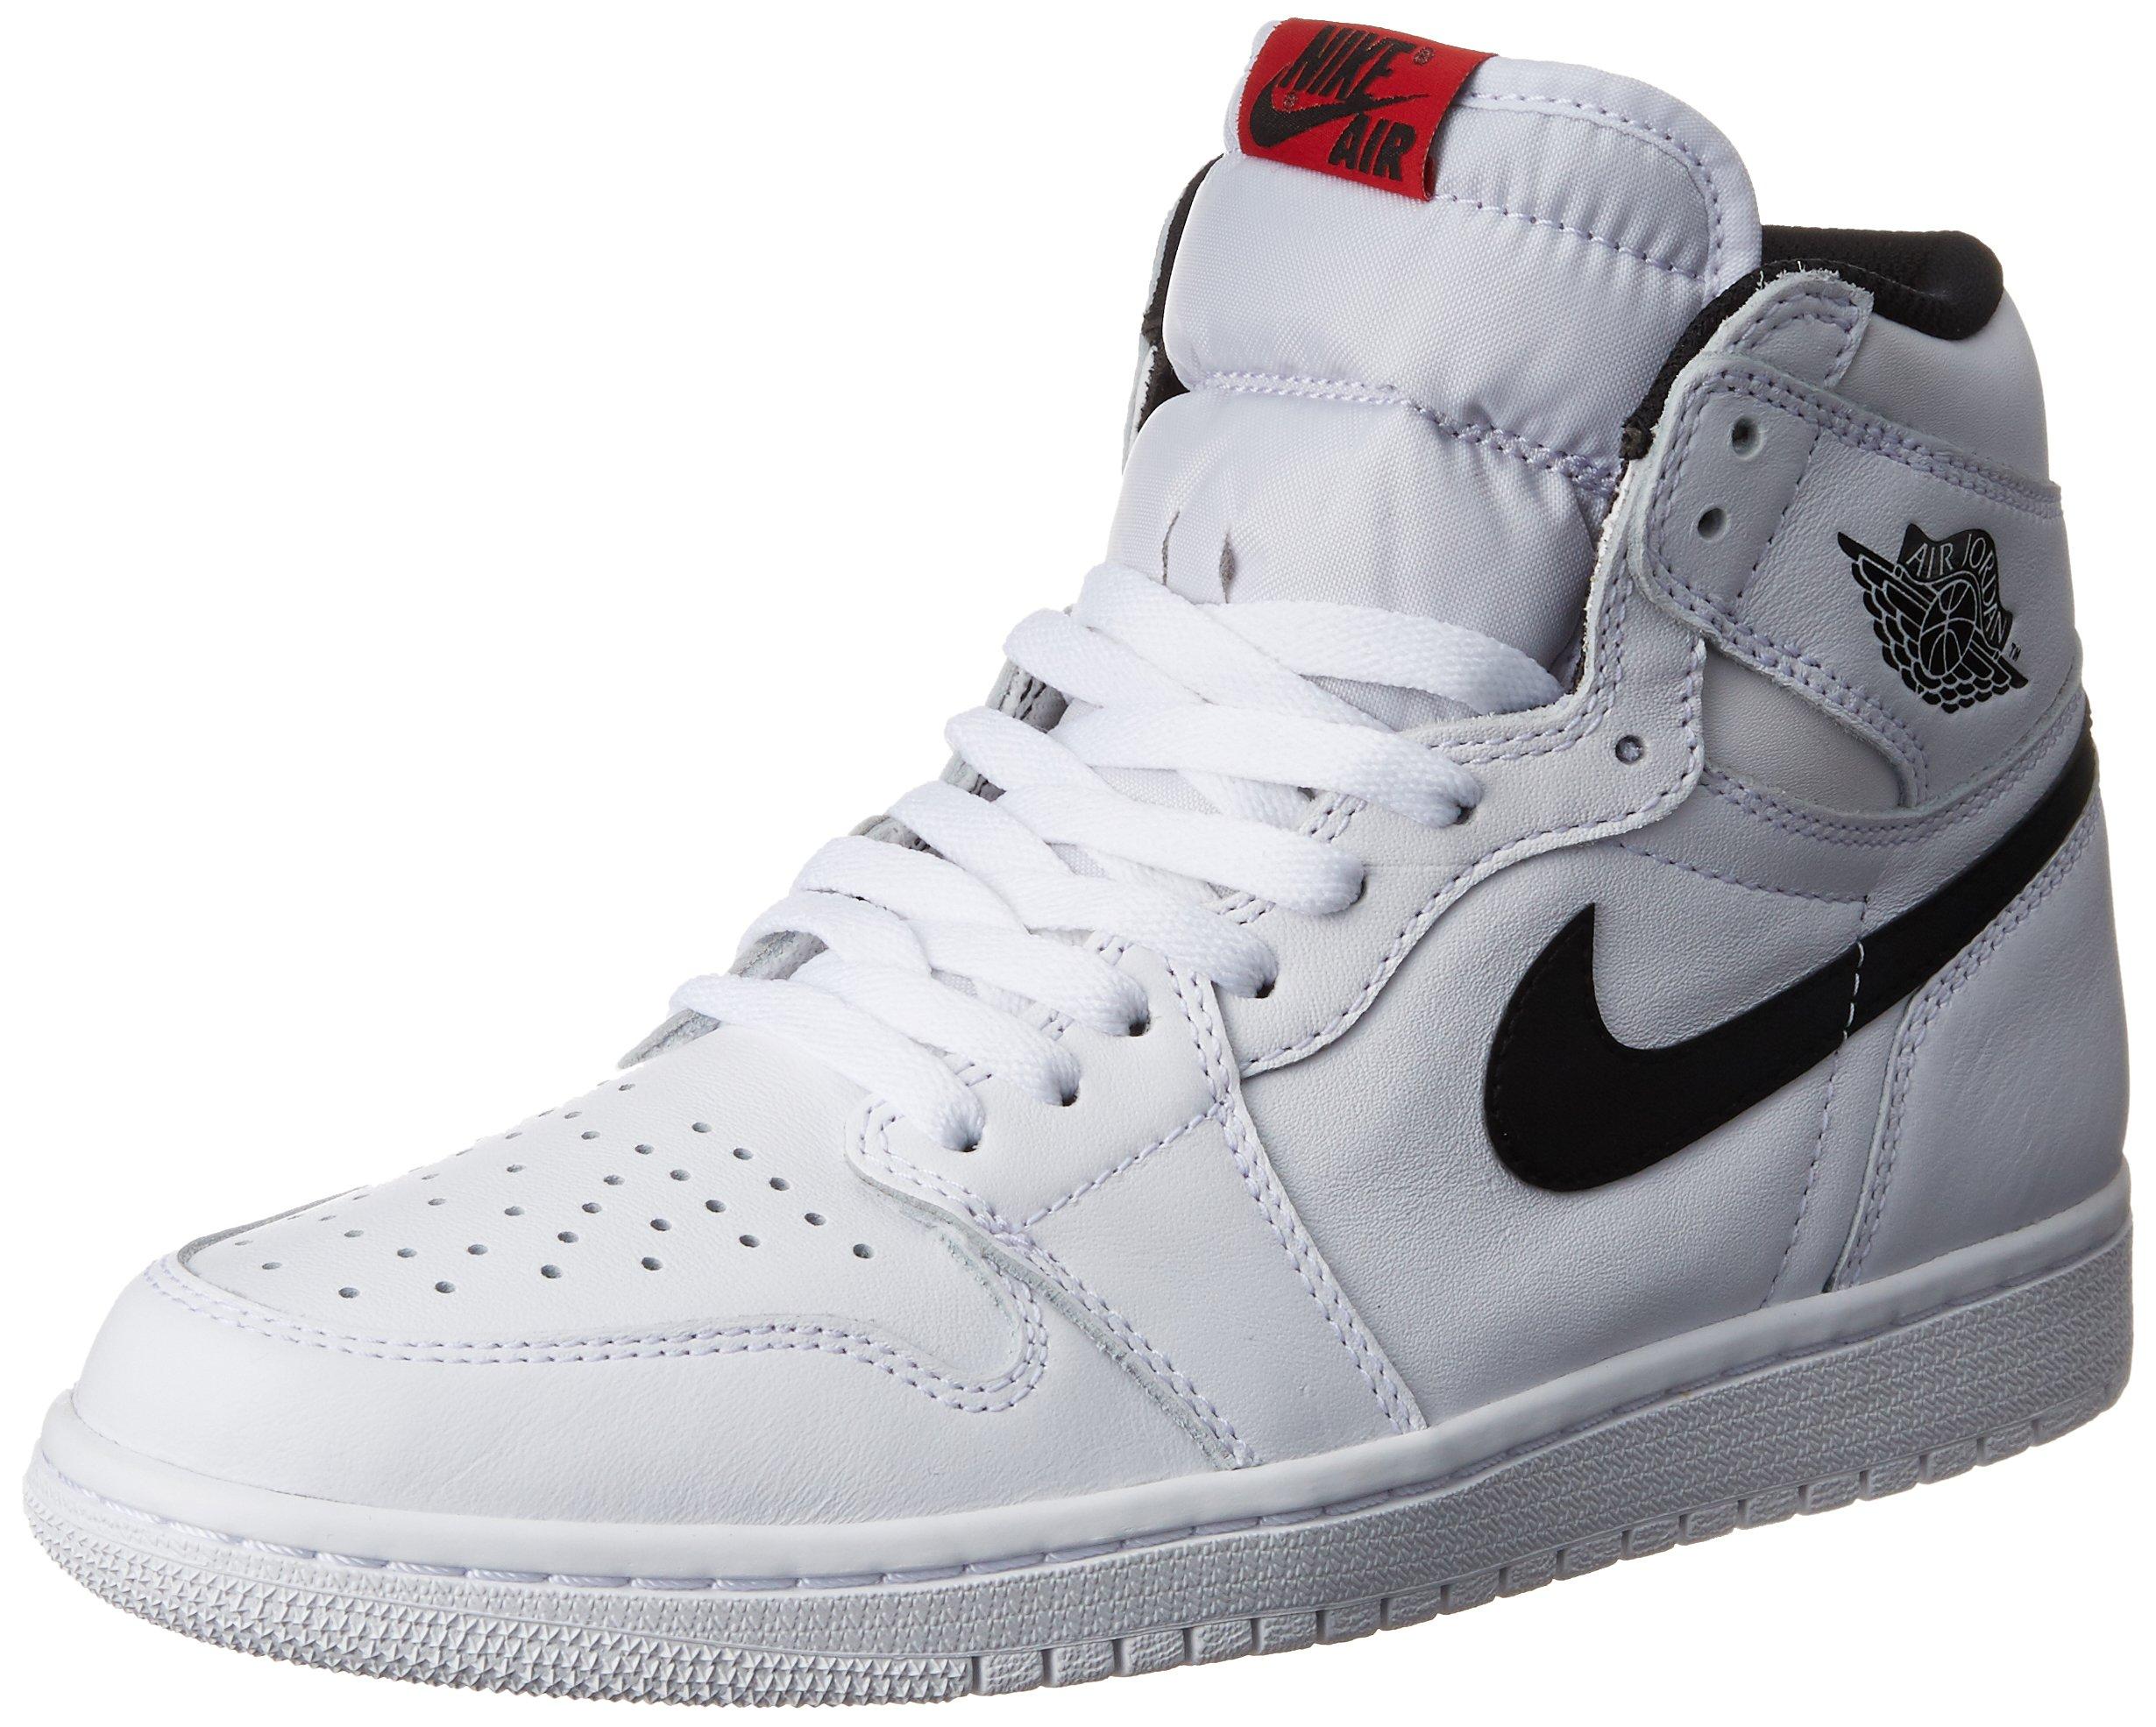 Jordan Nike Men's Air 1 Retro High OG White/Black/White Basketball Shoe 13 Men US by Jordan